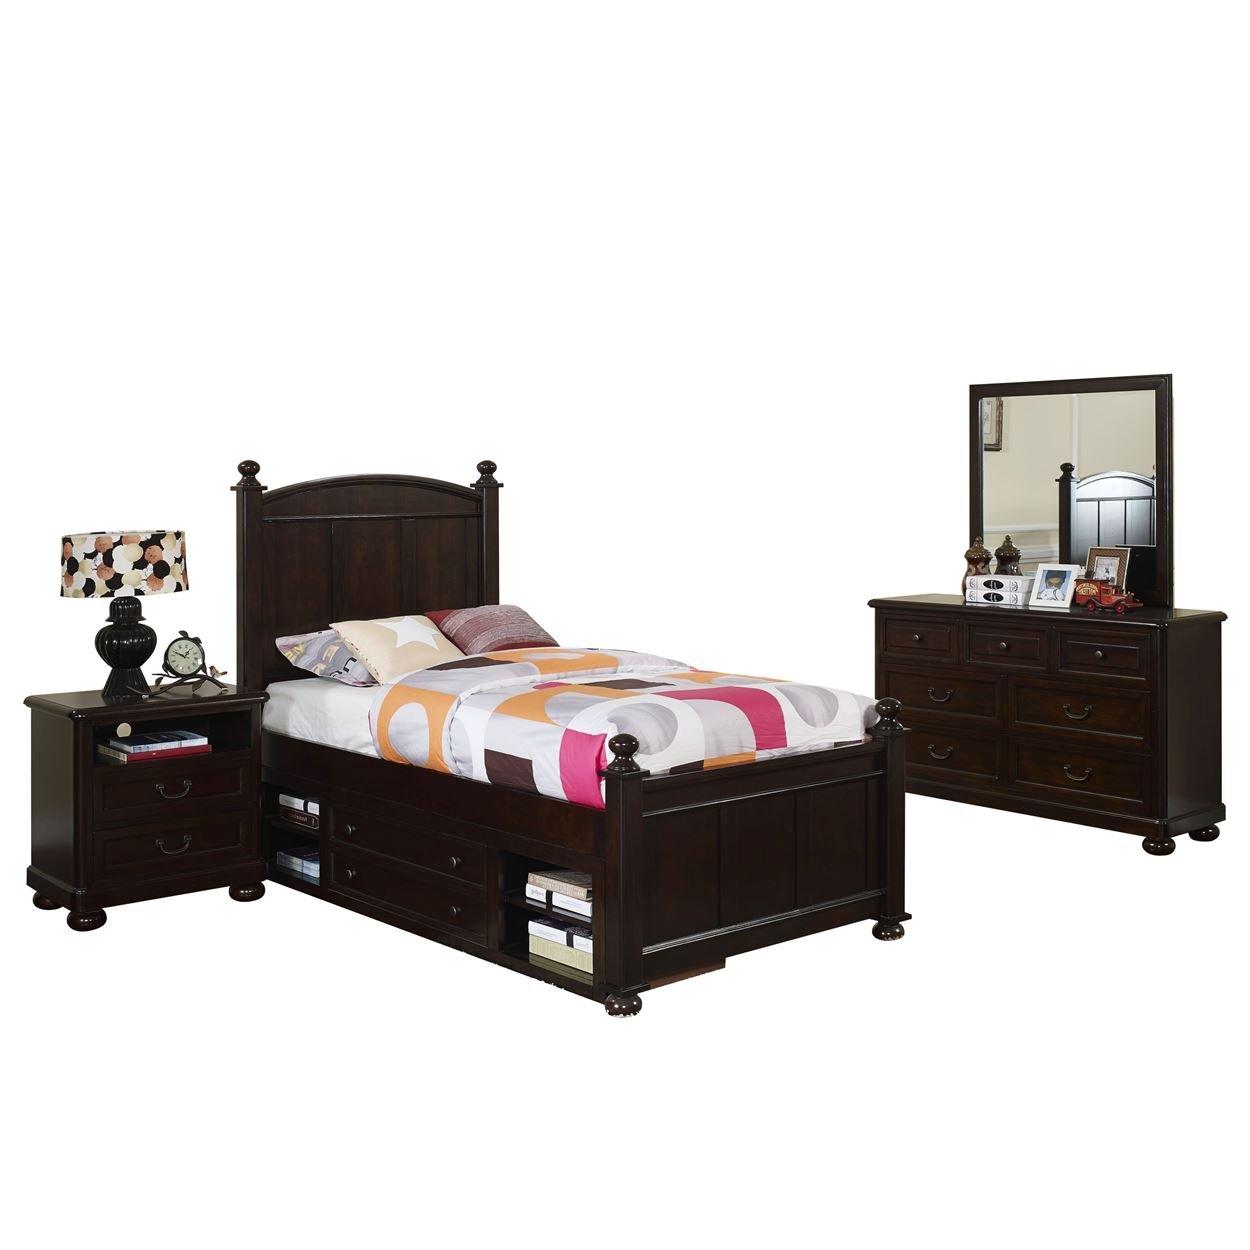 Cape Town Children's 4 Piece Twin Bed, Nightstand, Dresser & Mirror with Storage in Chestnut